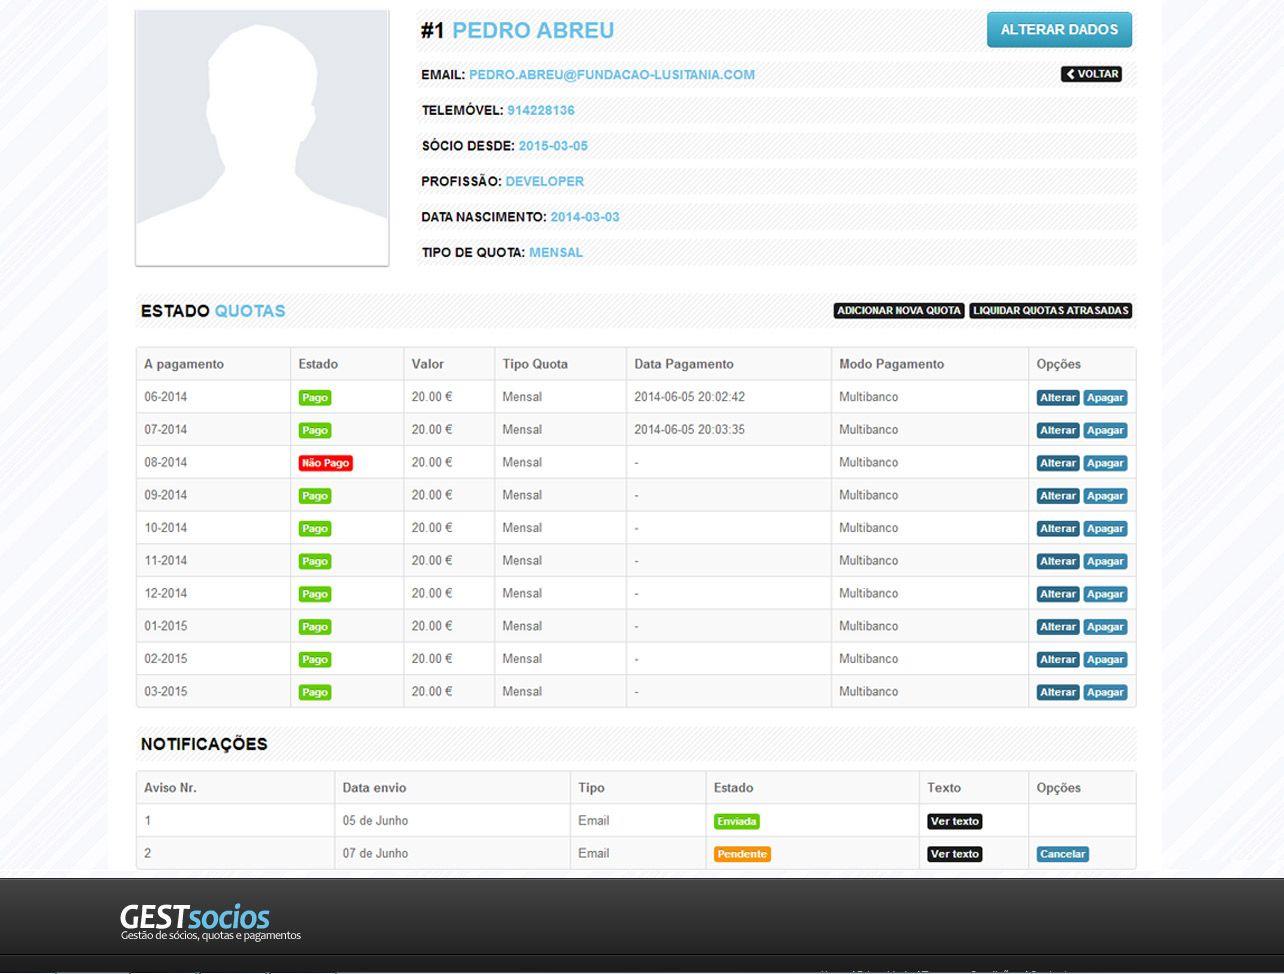 GestSócios - Software de gestão de associados e quotas